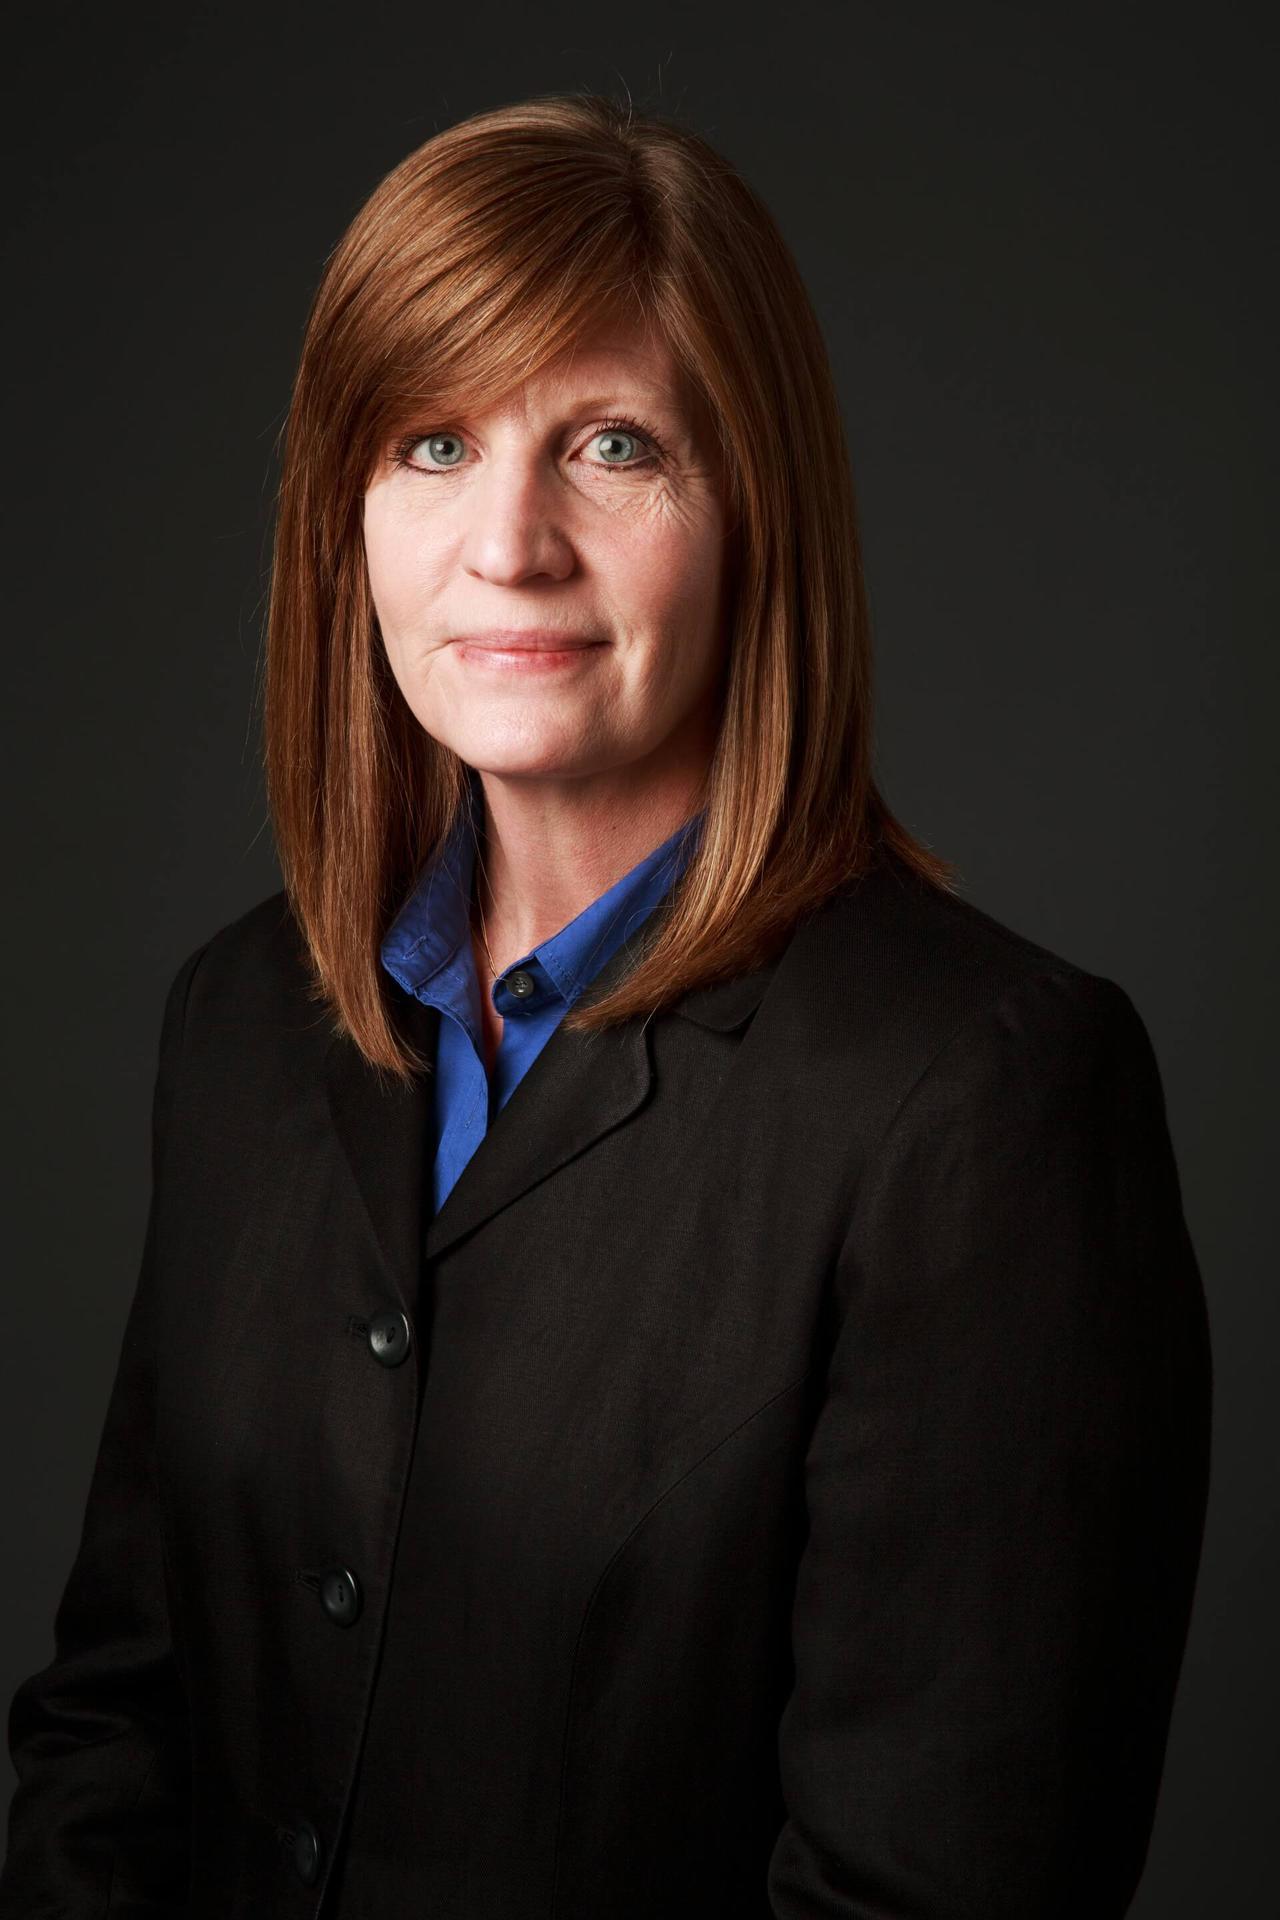 Rhonda Stevens headshot